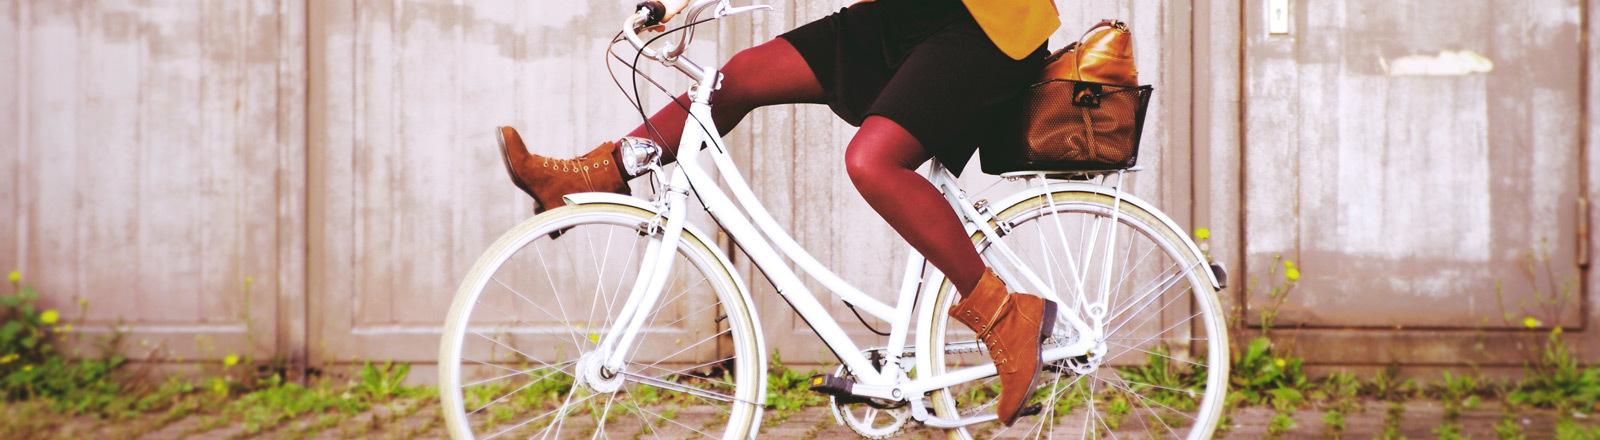 Frau auf einem Fahrrad.